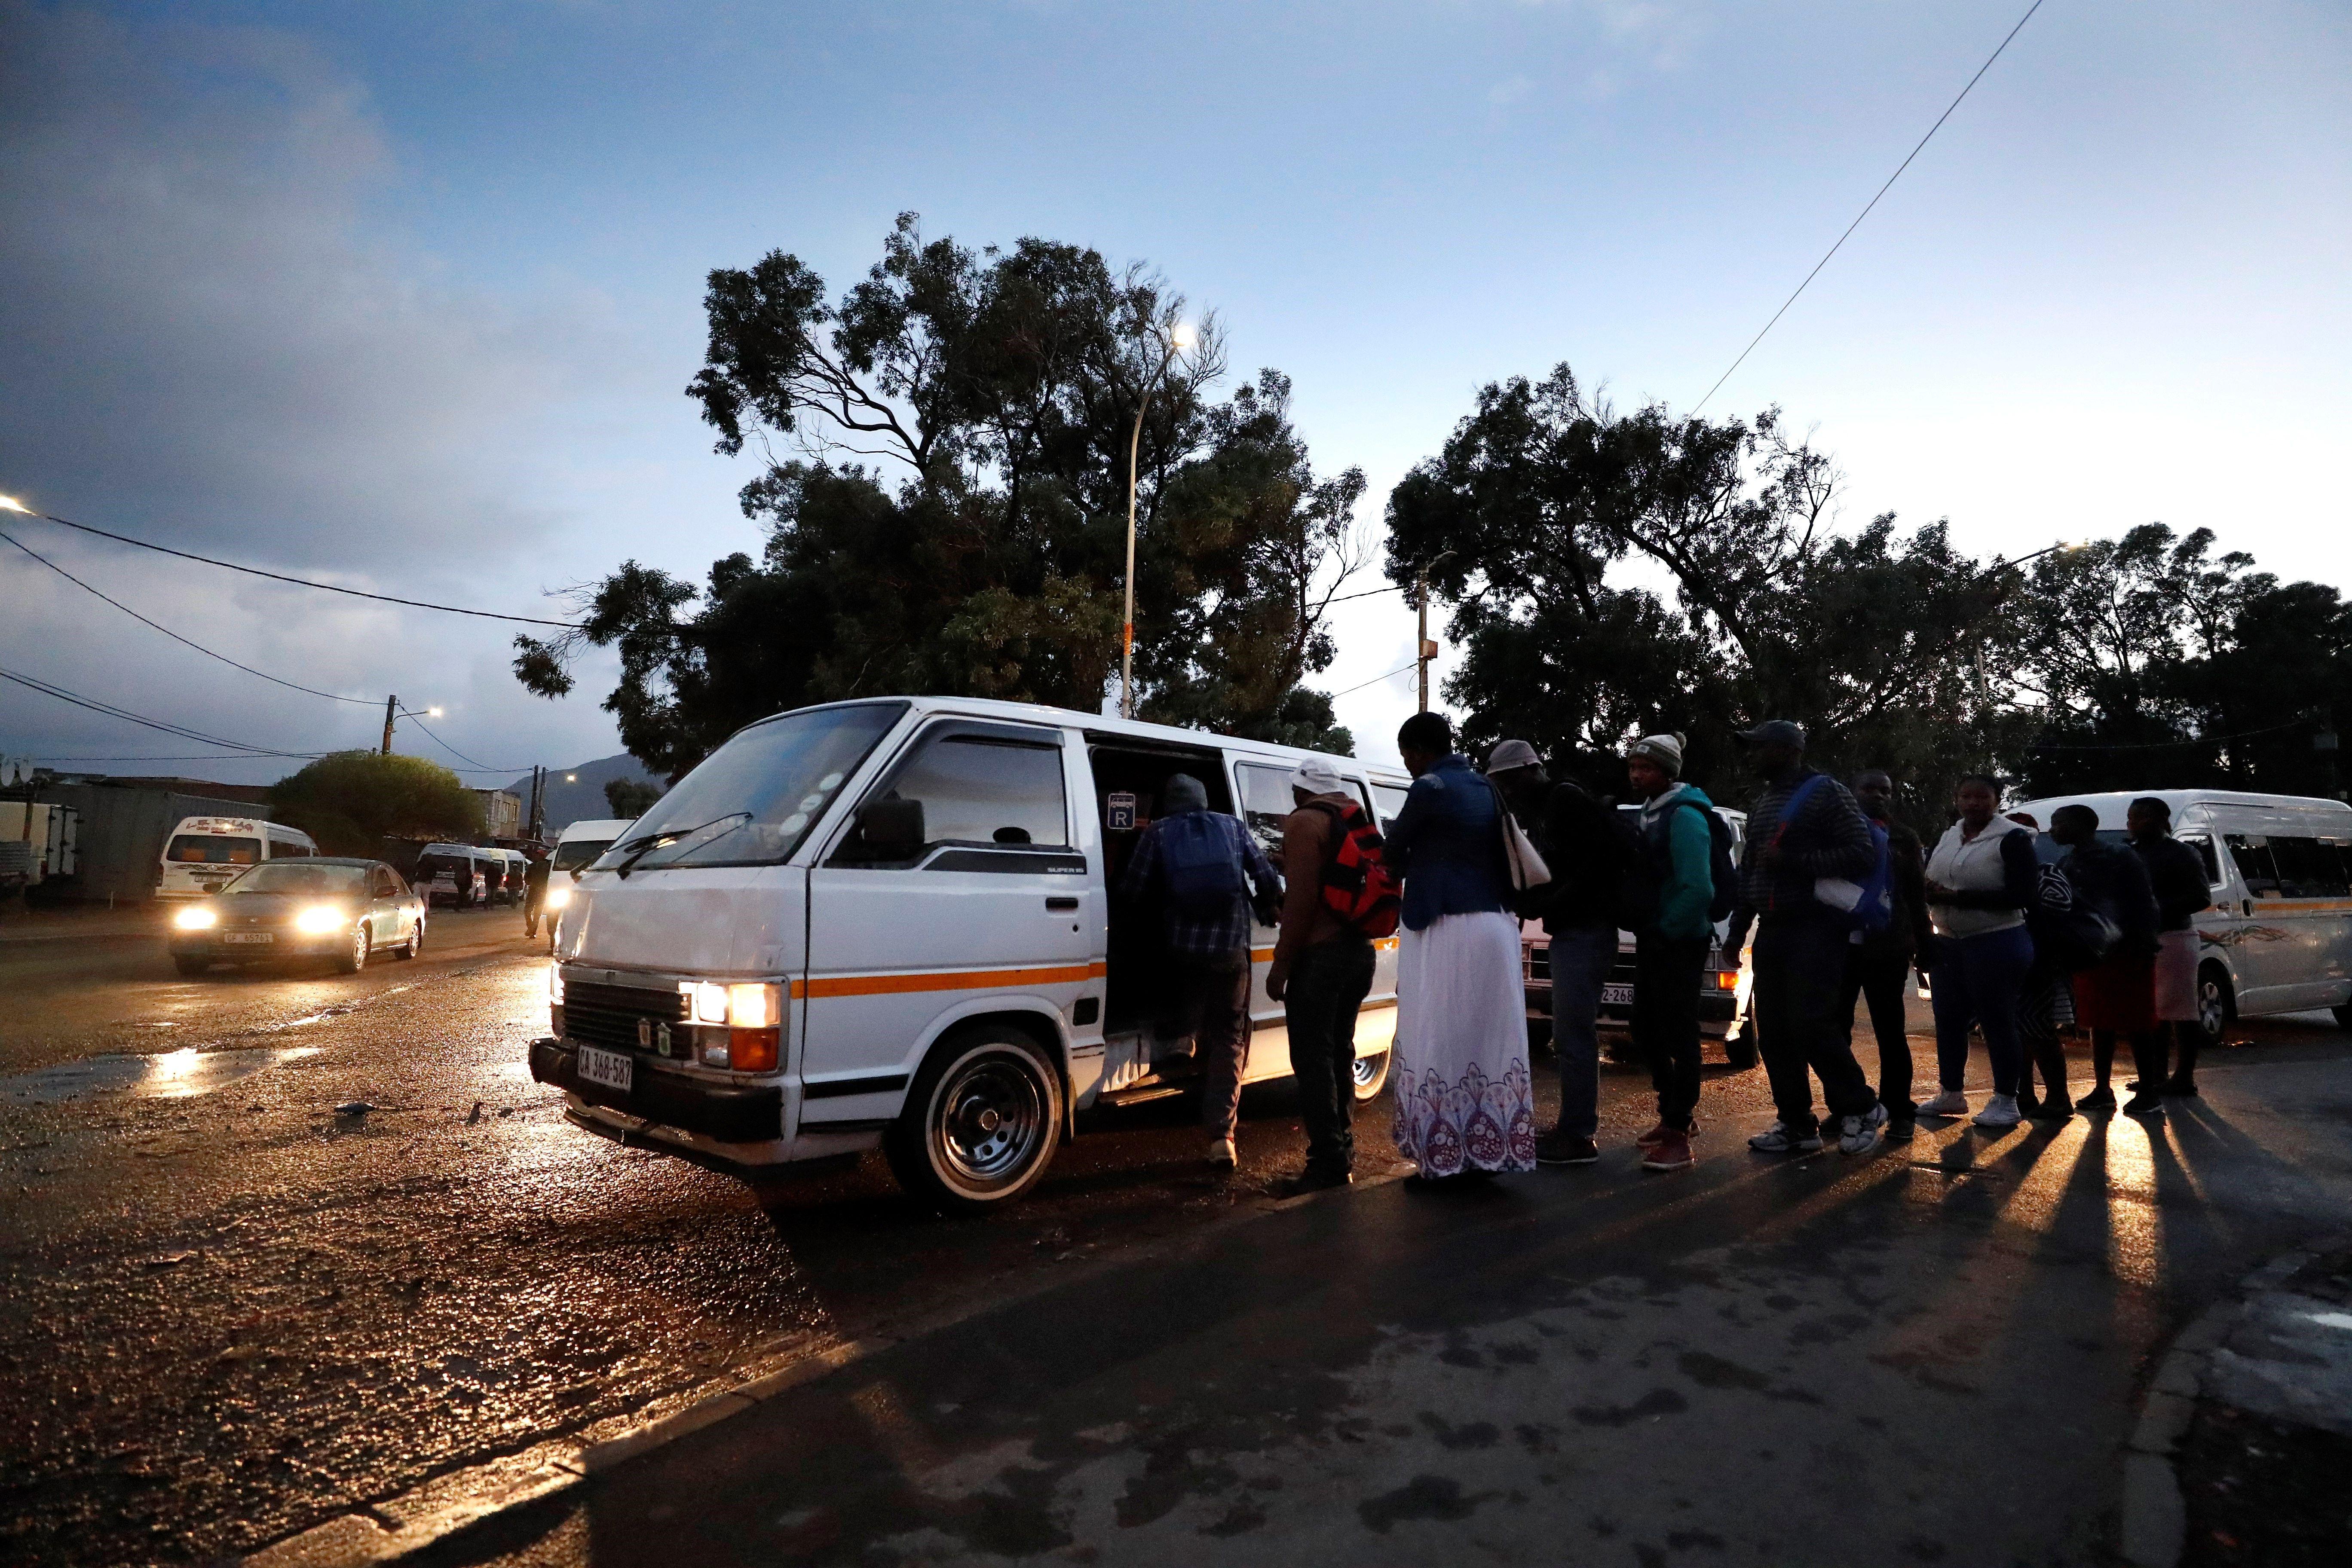 Conductors d'autobús de Ciutat del Cap convoquen una vaga nacional indefinida. /NIC BOTHMA